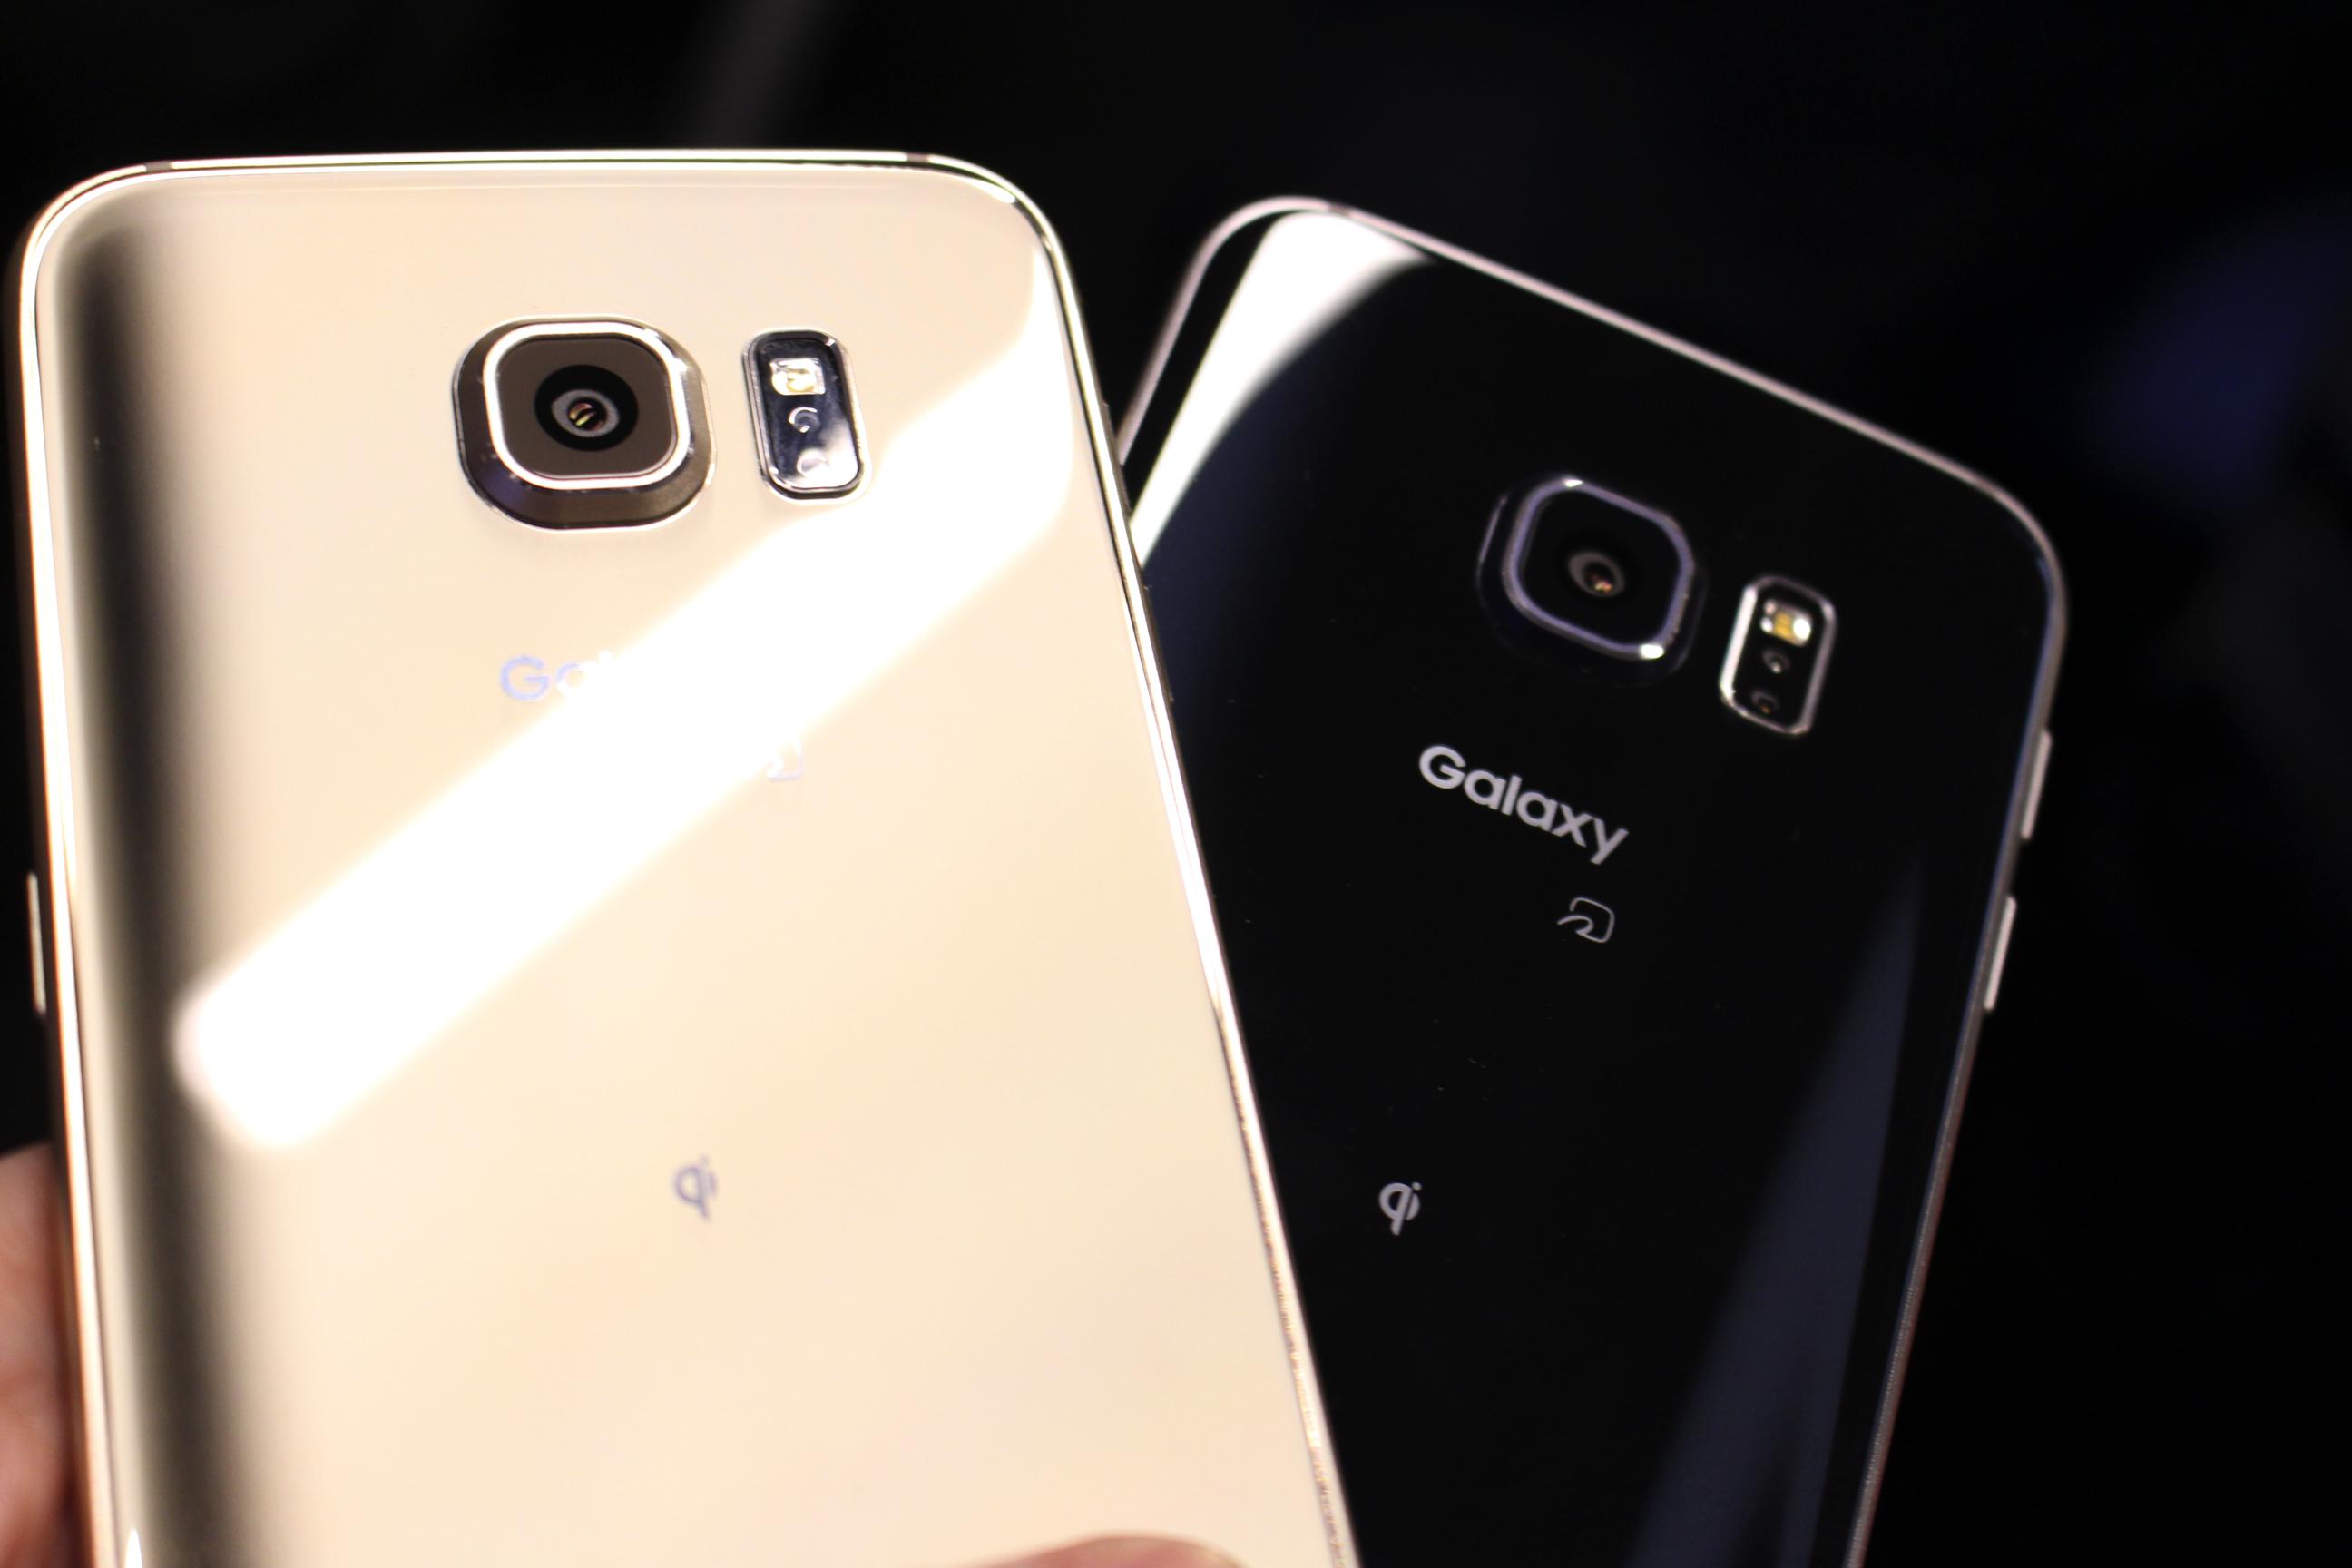 『All New Galaxy』タッチ&トライイベントですべてが一新されたGalaxy S6/S6 edgeに触れてきました